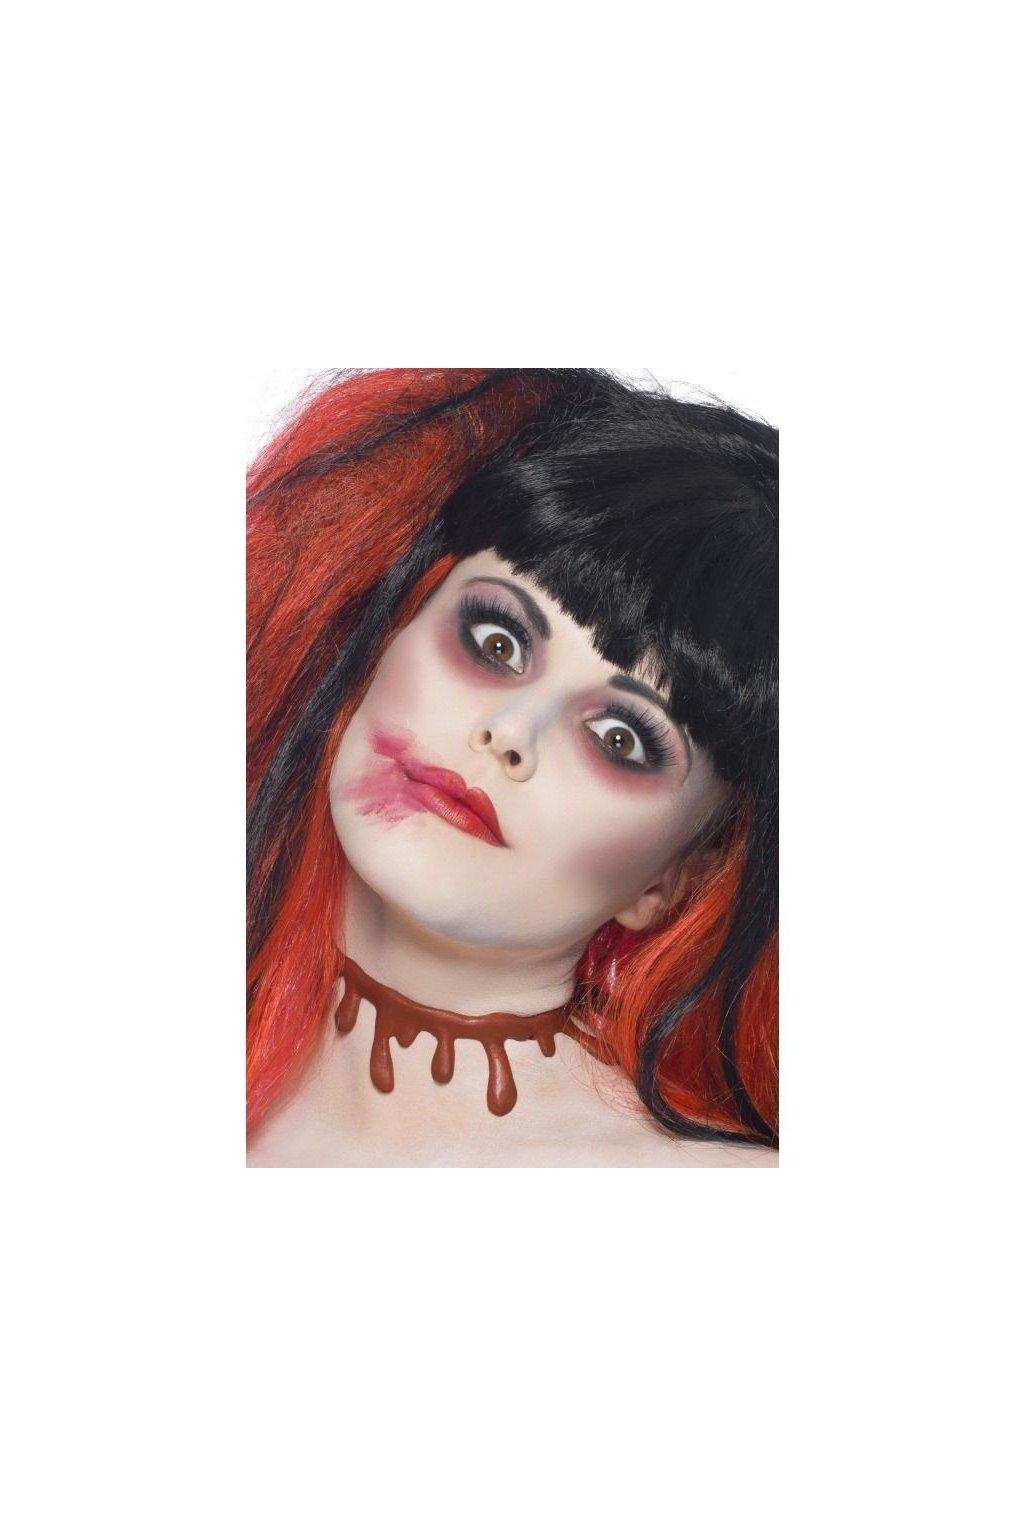 Krvácející řez - hororové zranění